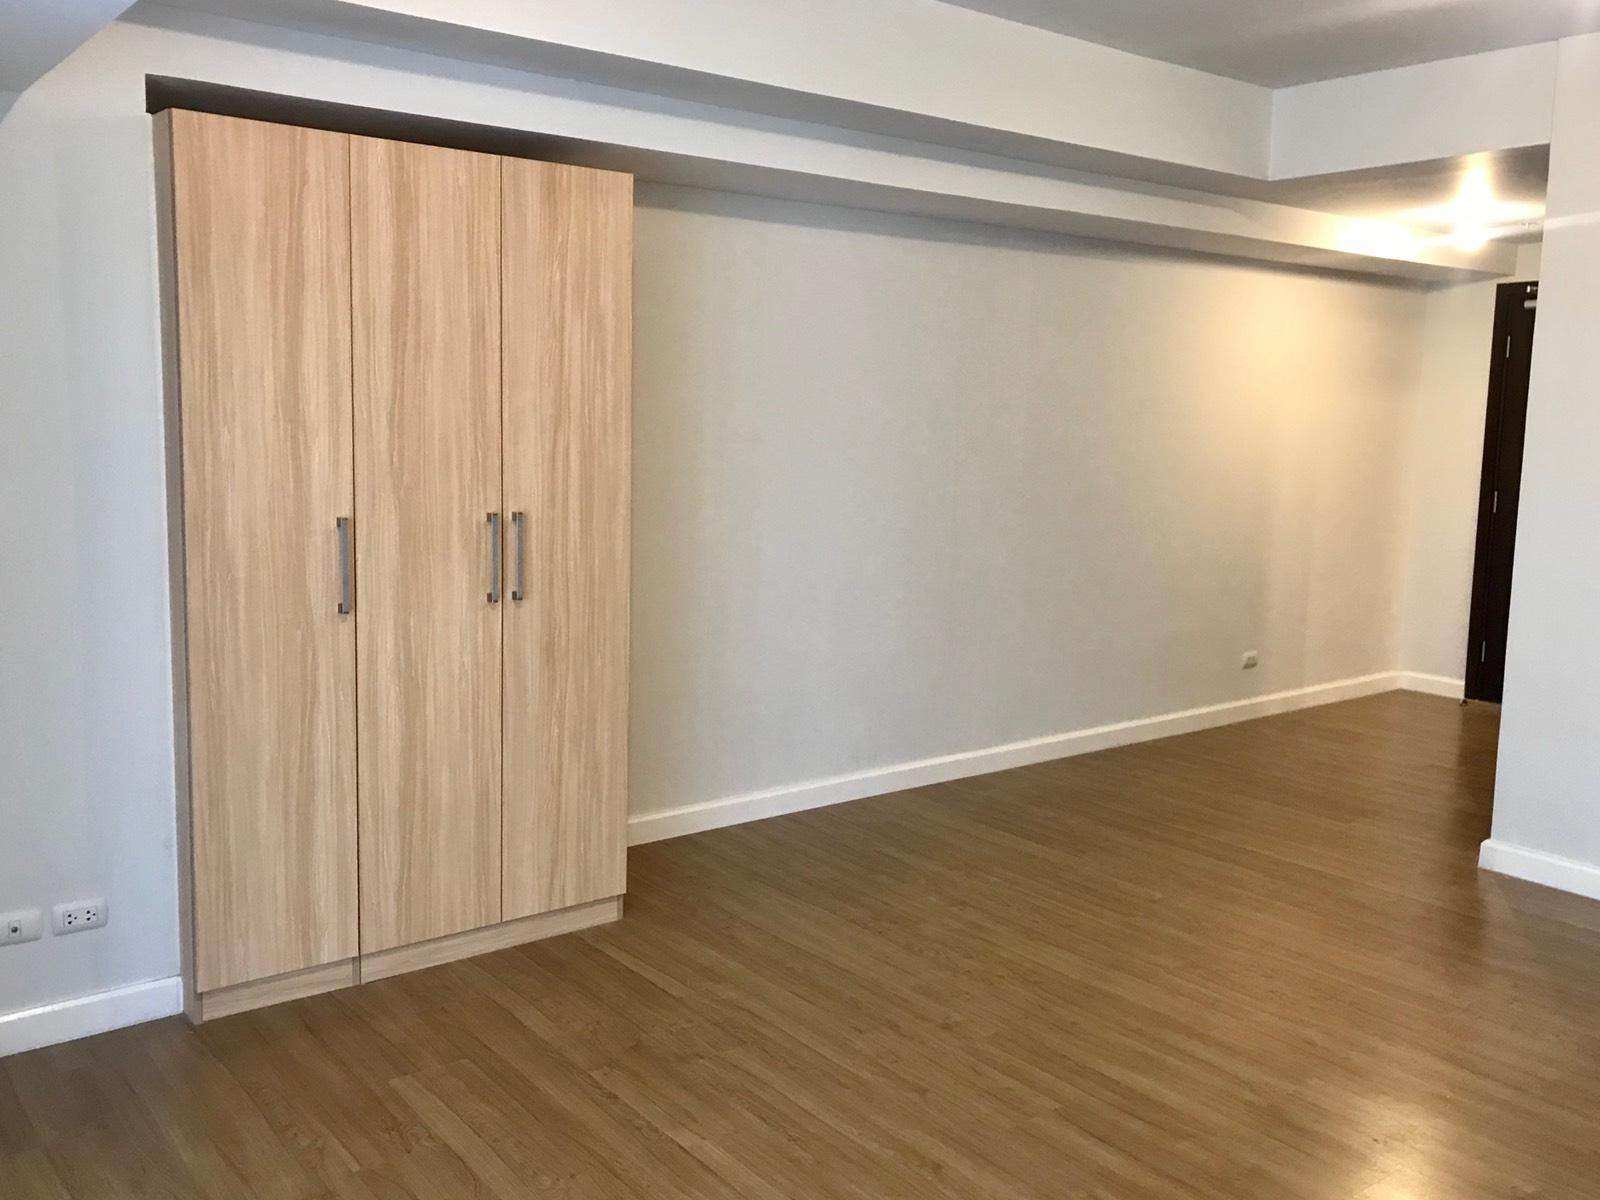 Studio Condo For Sale, Verve Residences Tower 1, BGC, Taguig City 3